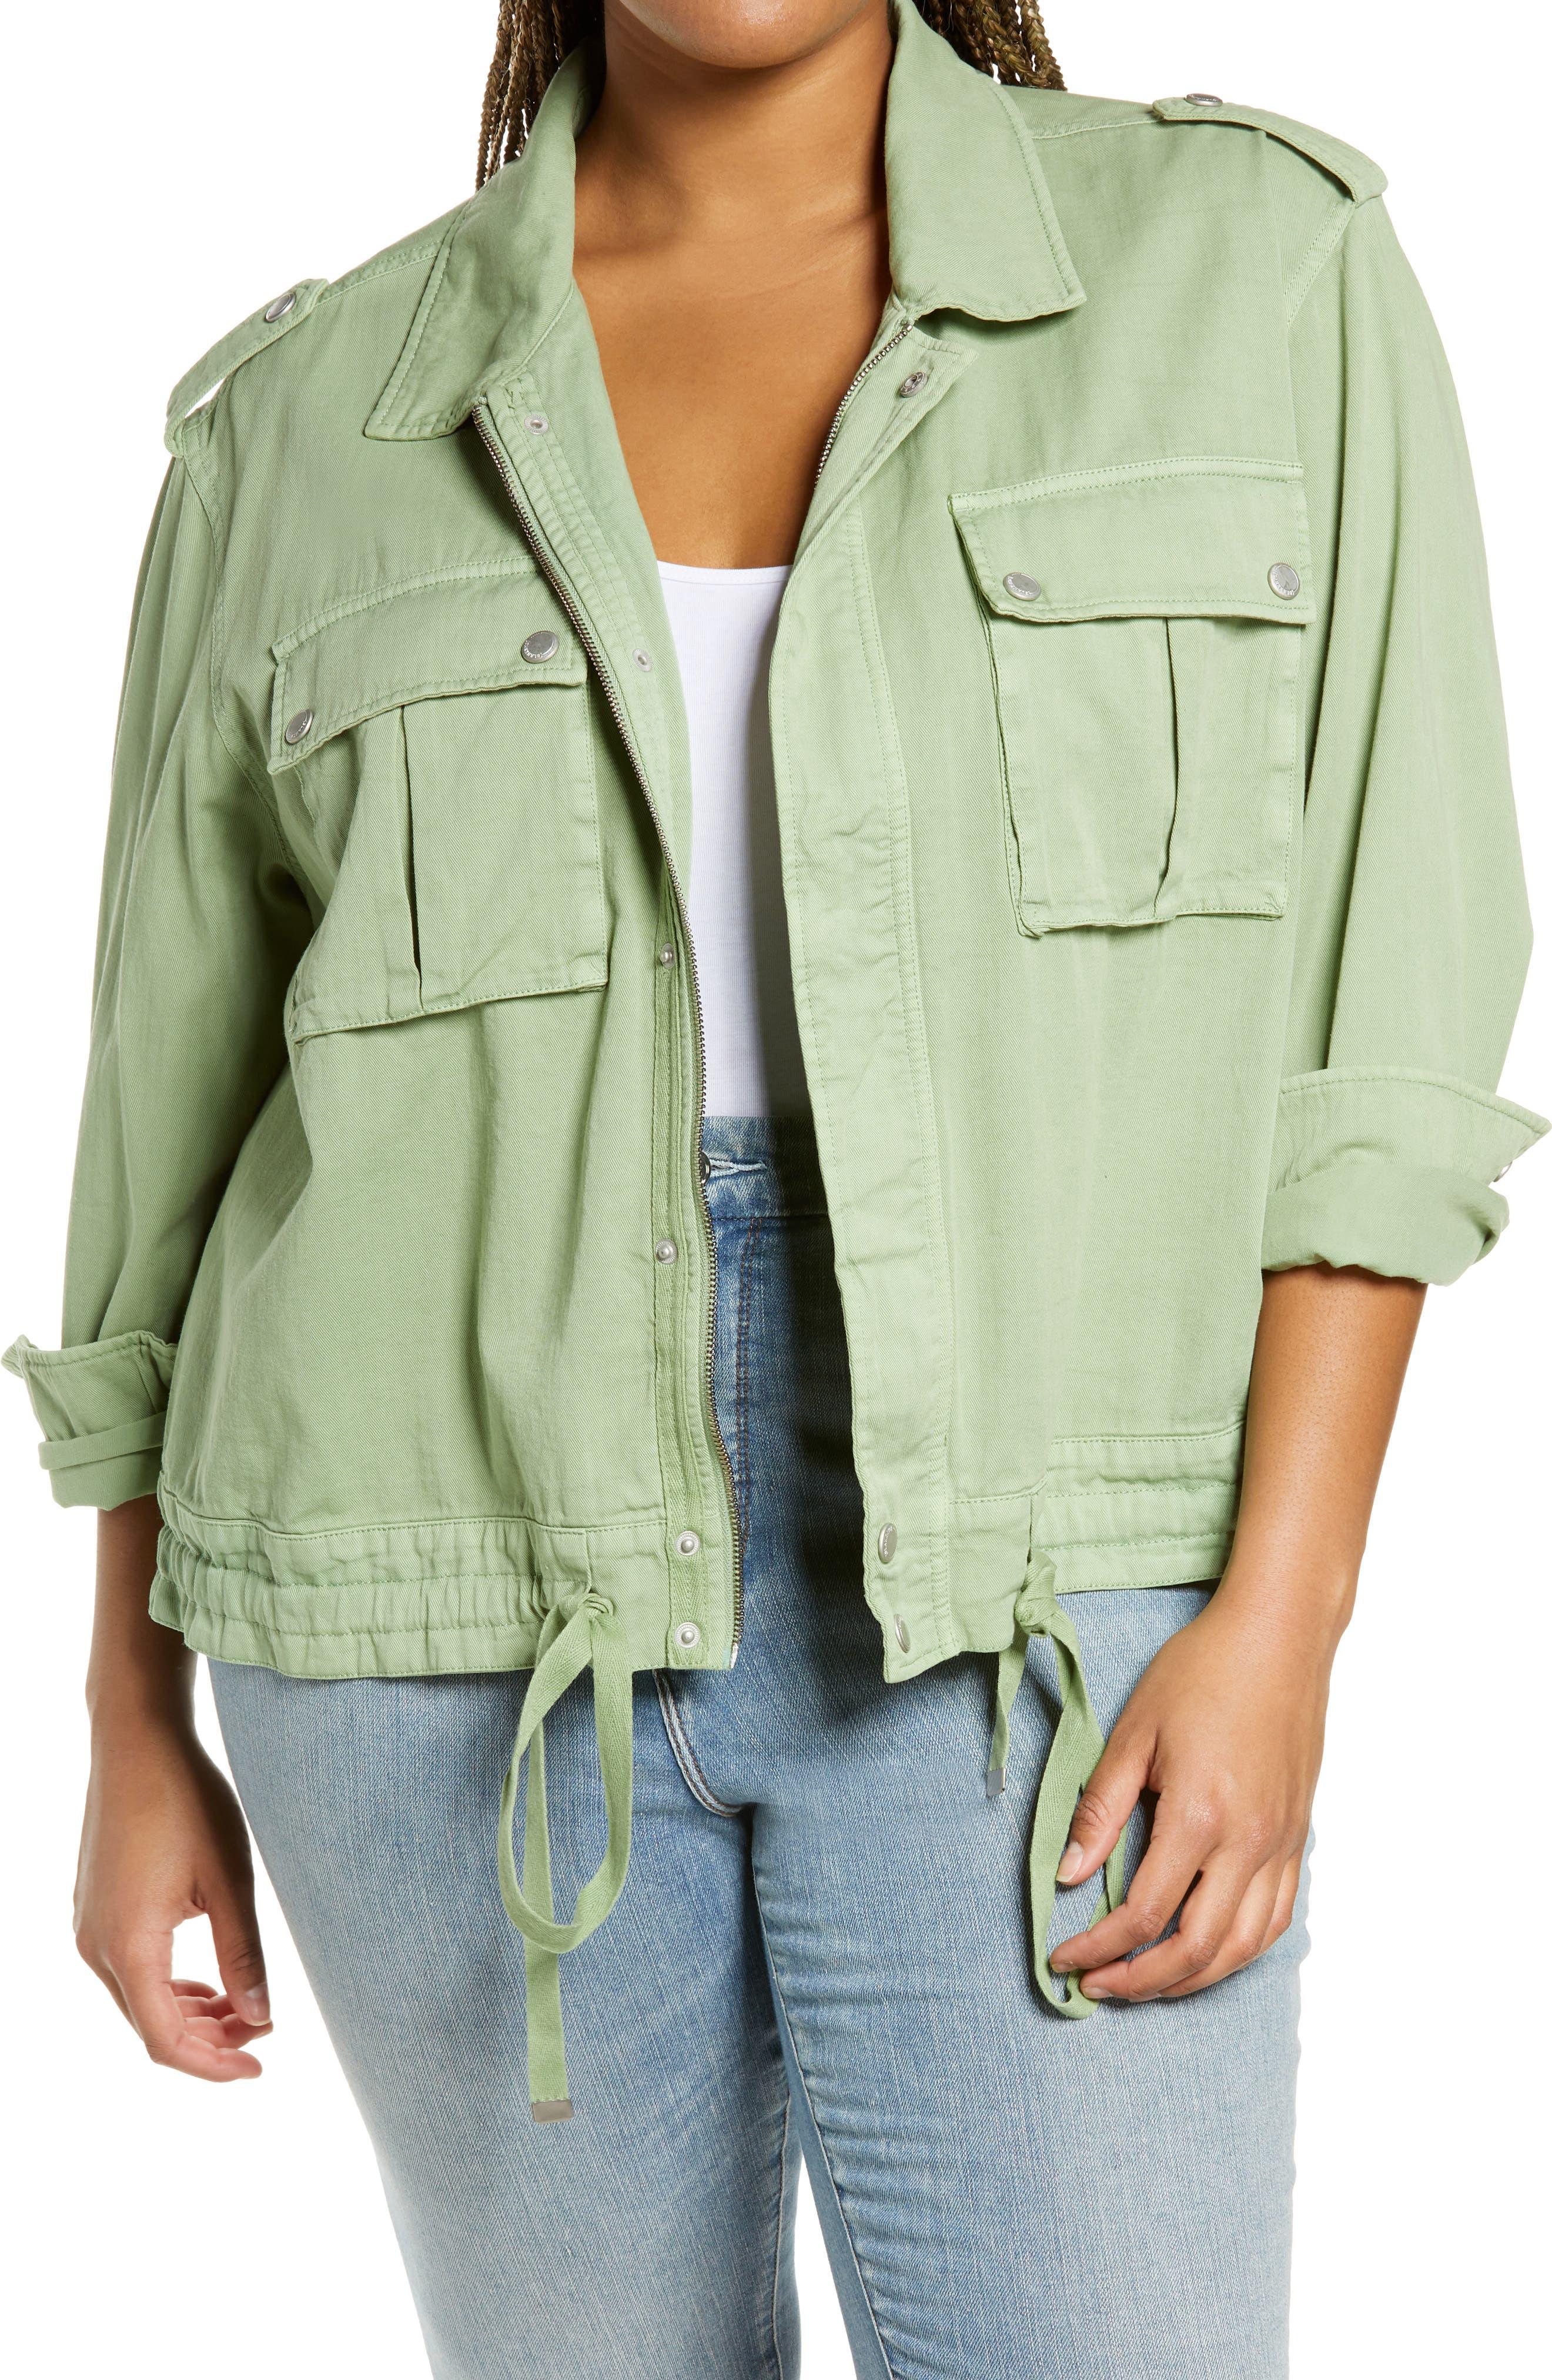 Plus Size Women's Blanknyc Twill Utility Jacket, Size 2X - Green